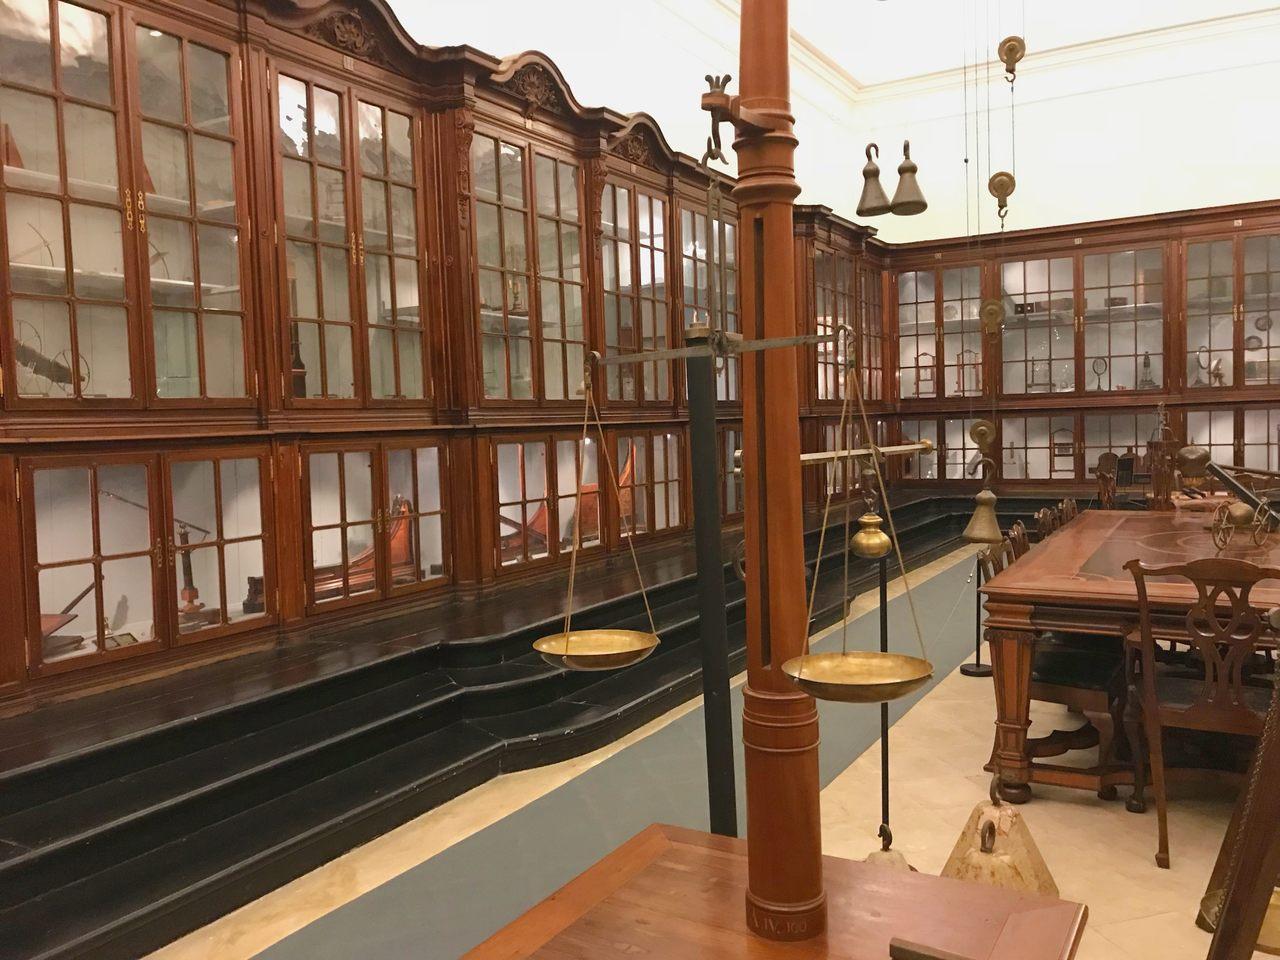 Sala de exposições com instrumentos de ensino de física e química no Museu da Ciência da Universidade de Coimbra. Foto de Diogo Pereira